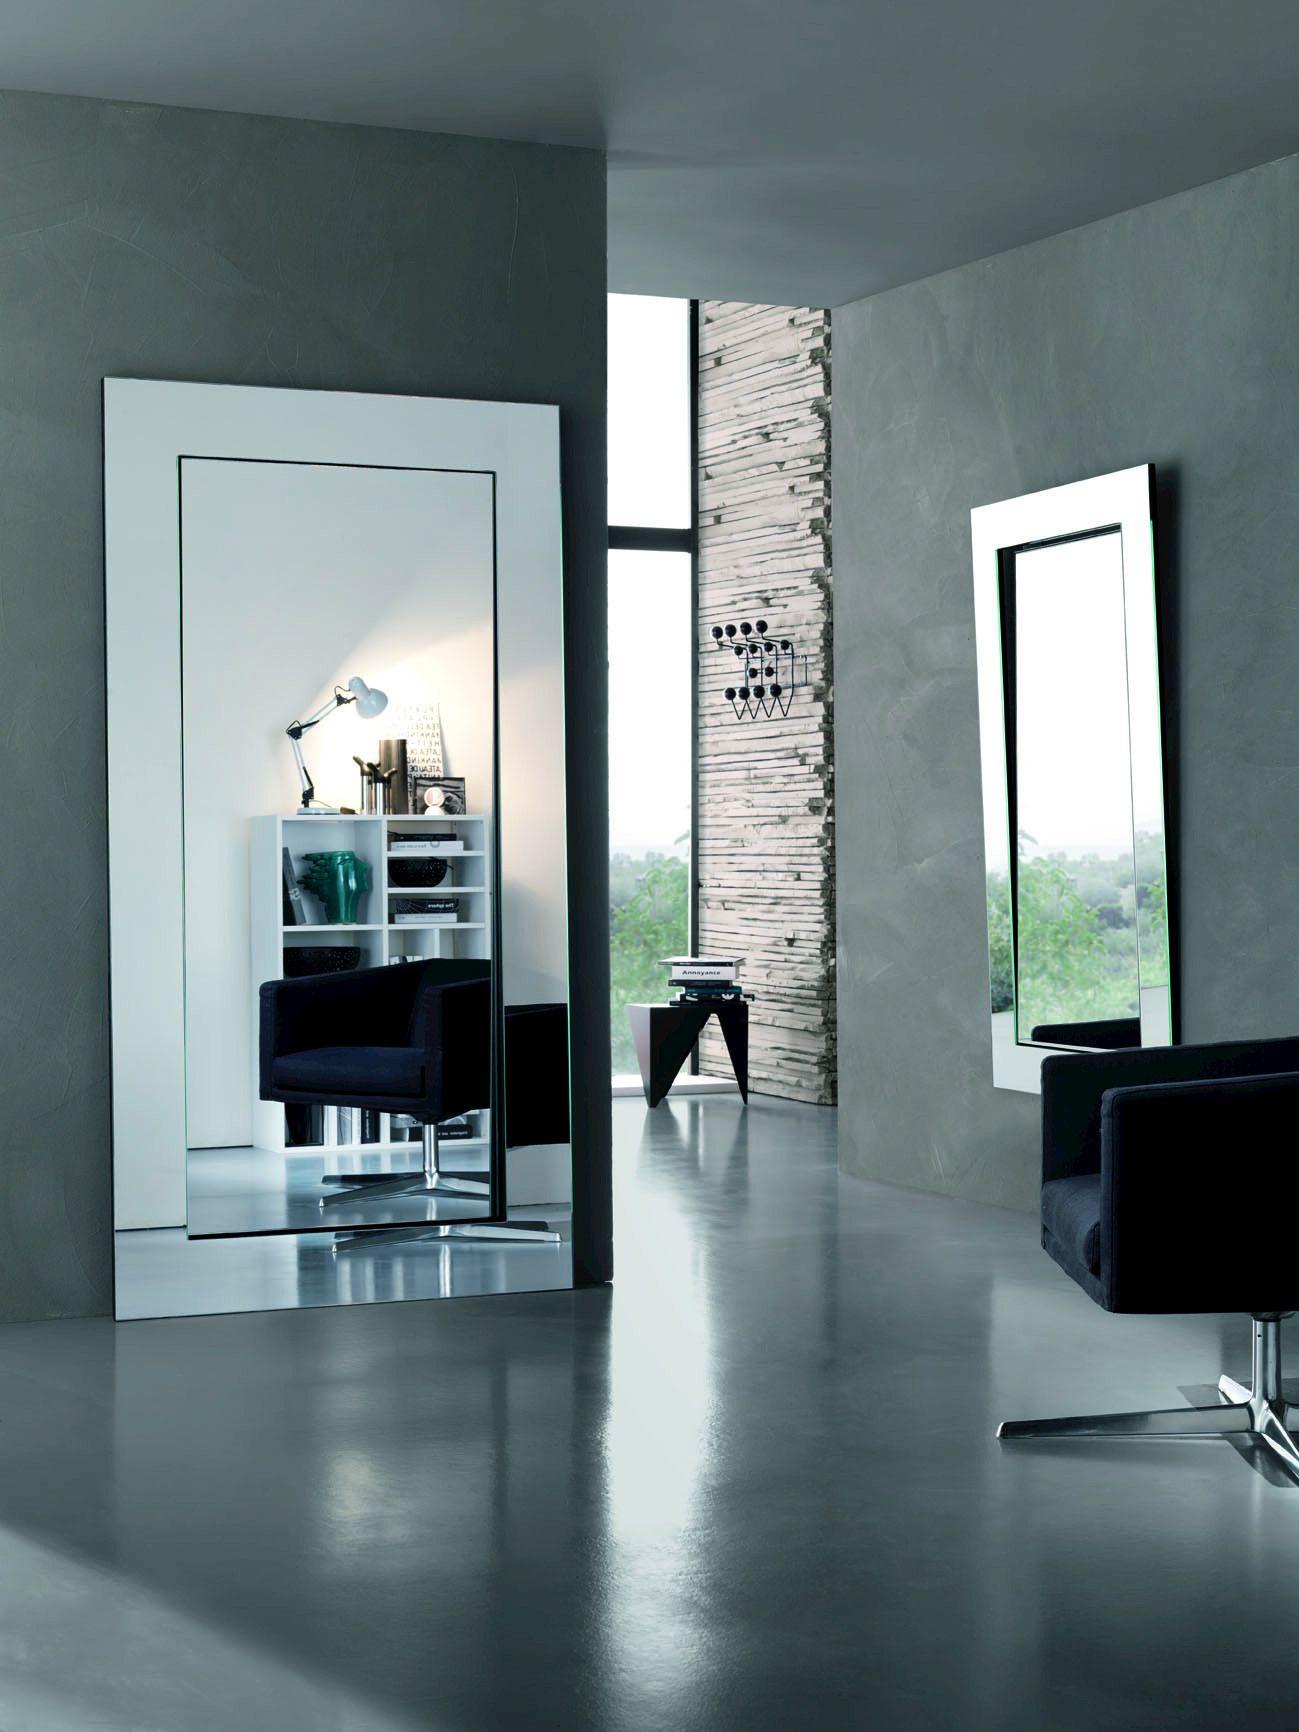 Specchio a parete gerundio by t d tonelli design design - Parete a specchio ...